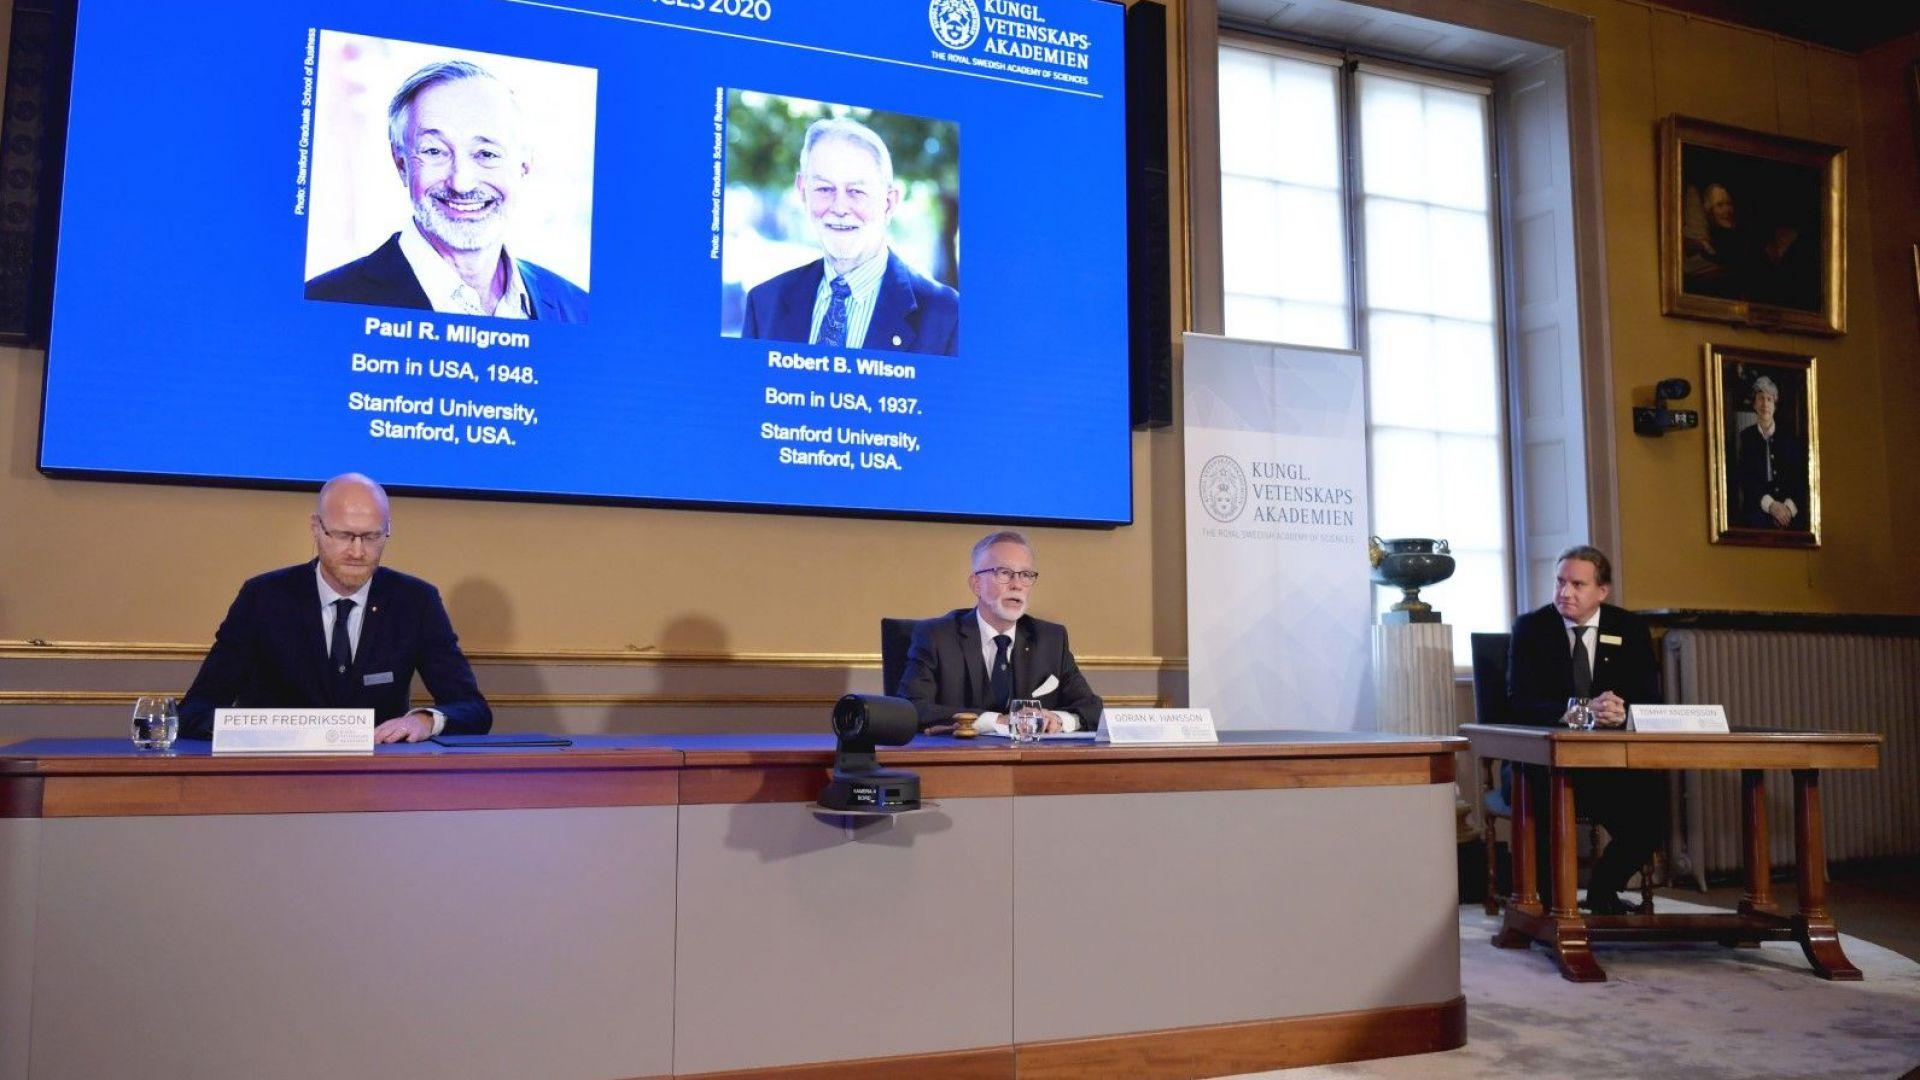 Носителите на Нобелова награда за икономика за 2020-а са Пол Милгръм и Робърт Уилсън